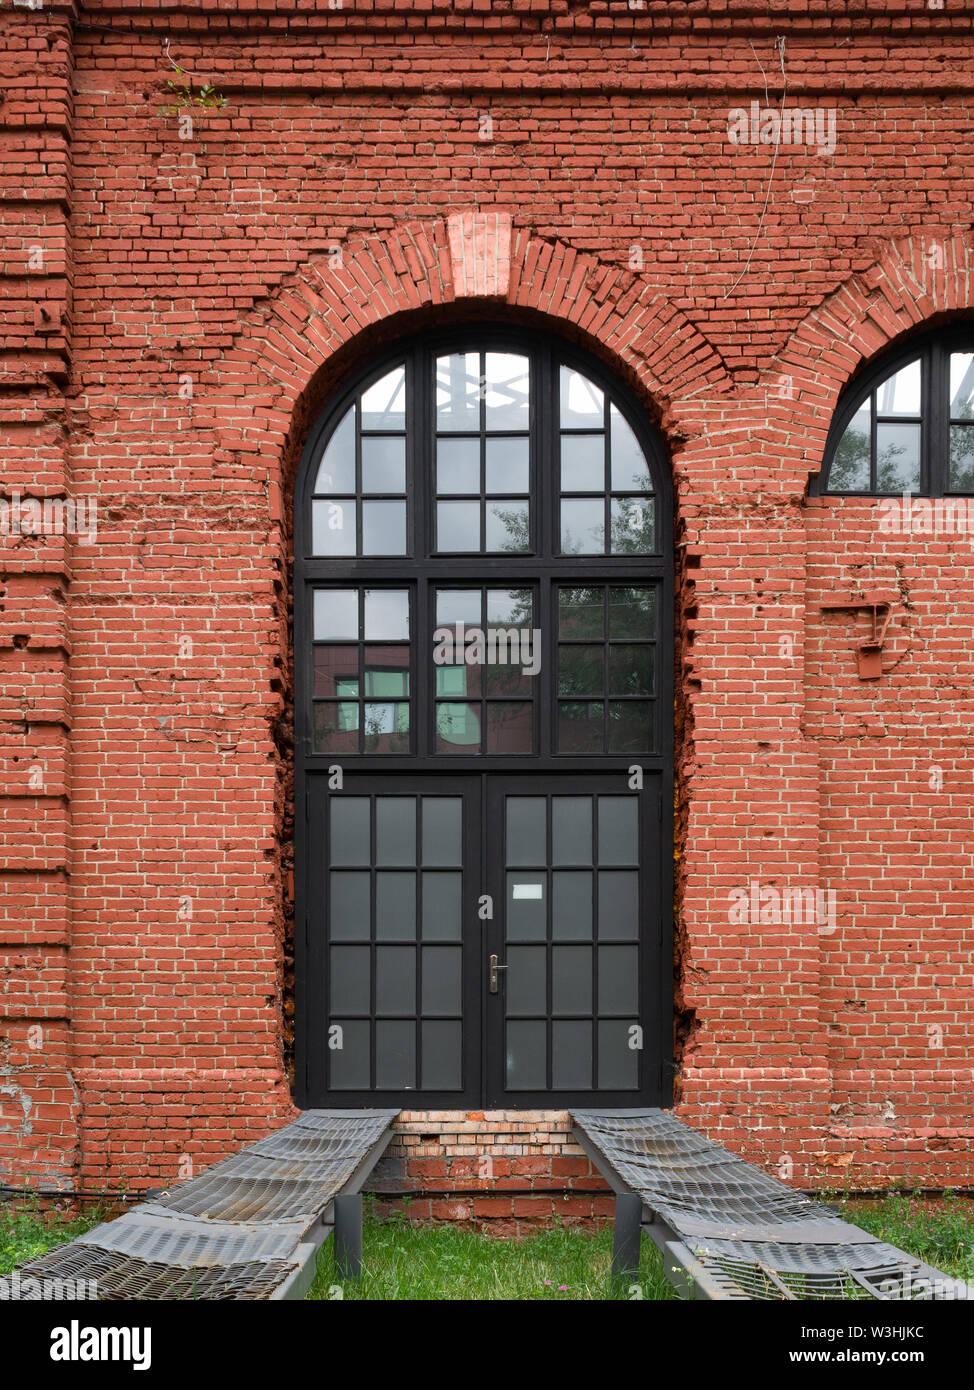 Type De Rideaux Pour Fenetre Cintrees français fenêtre cintrée dans un vieux mur de brique rouge